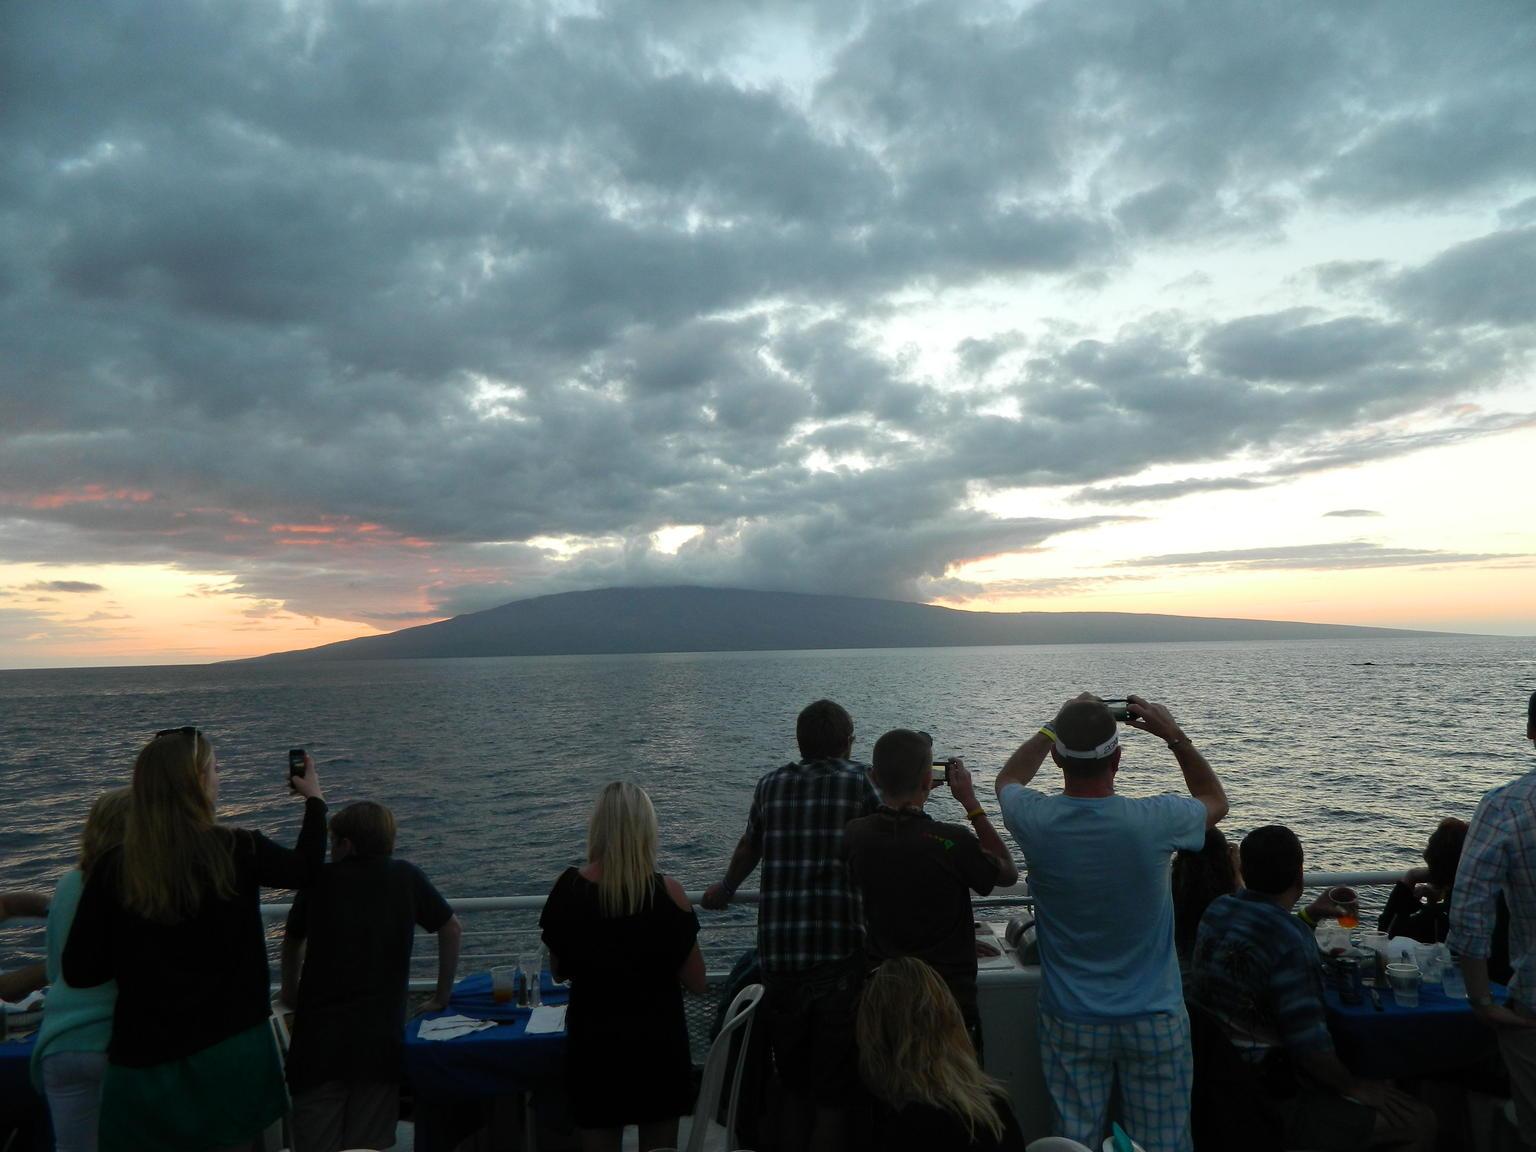 MAIS FOTOS, Cruzeiro com jantar ao pôr do sol em Maui